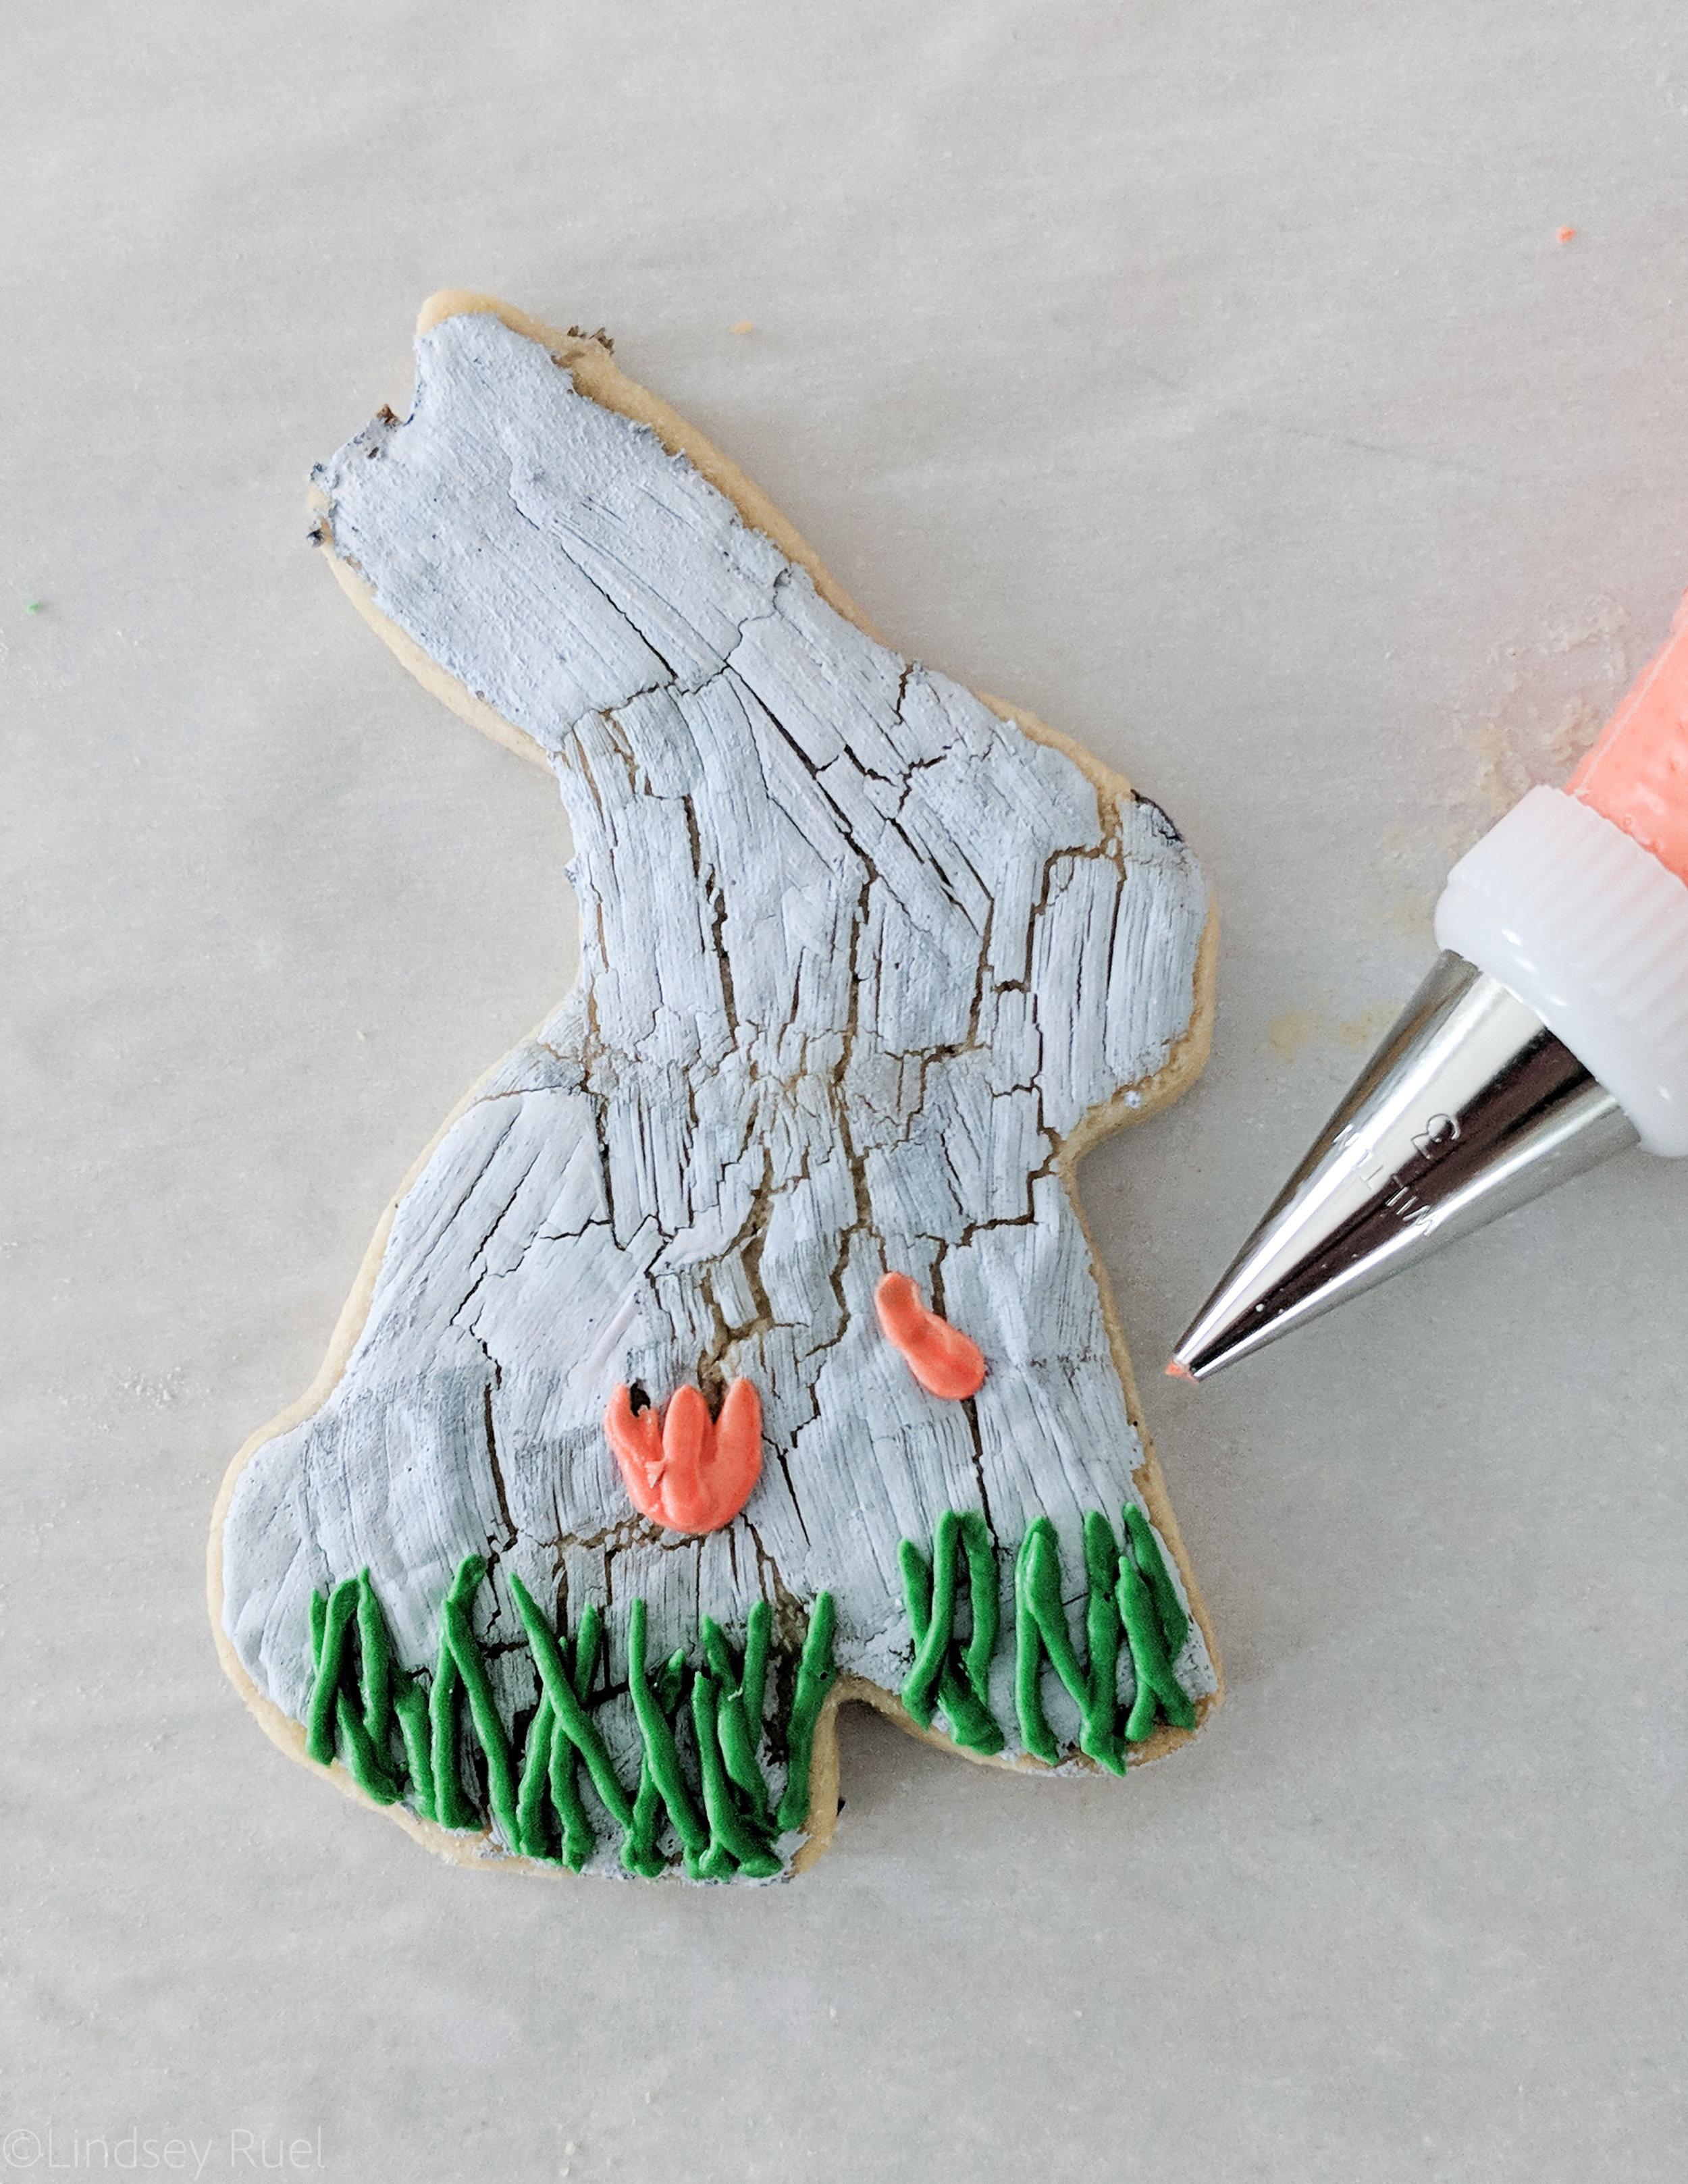 Crackle Effect Cookies-4.jpg